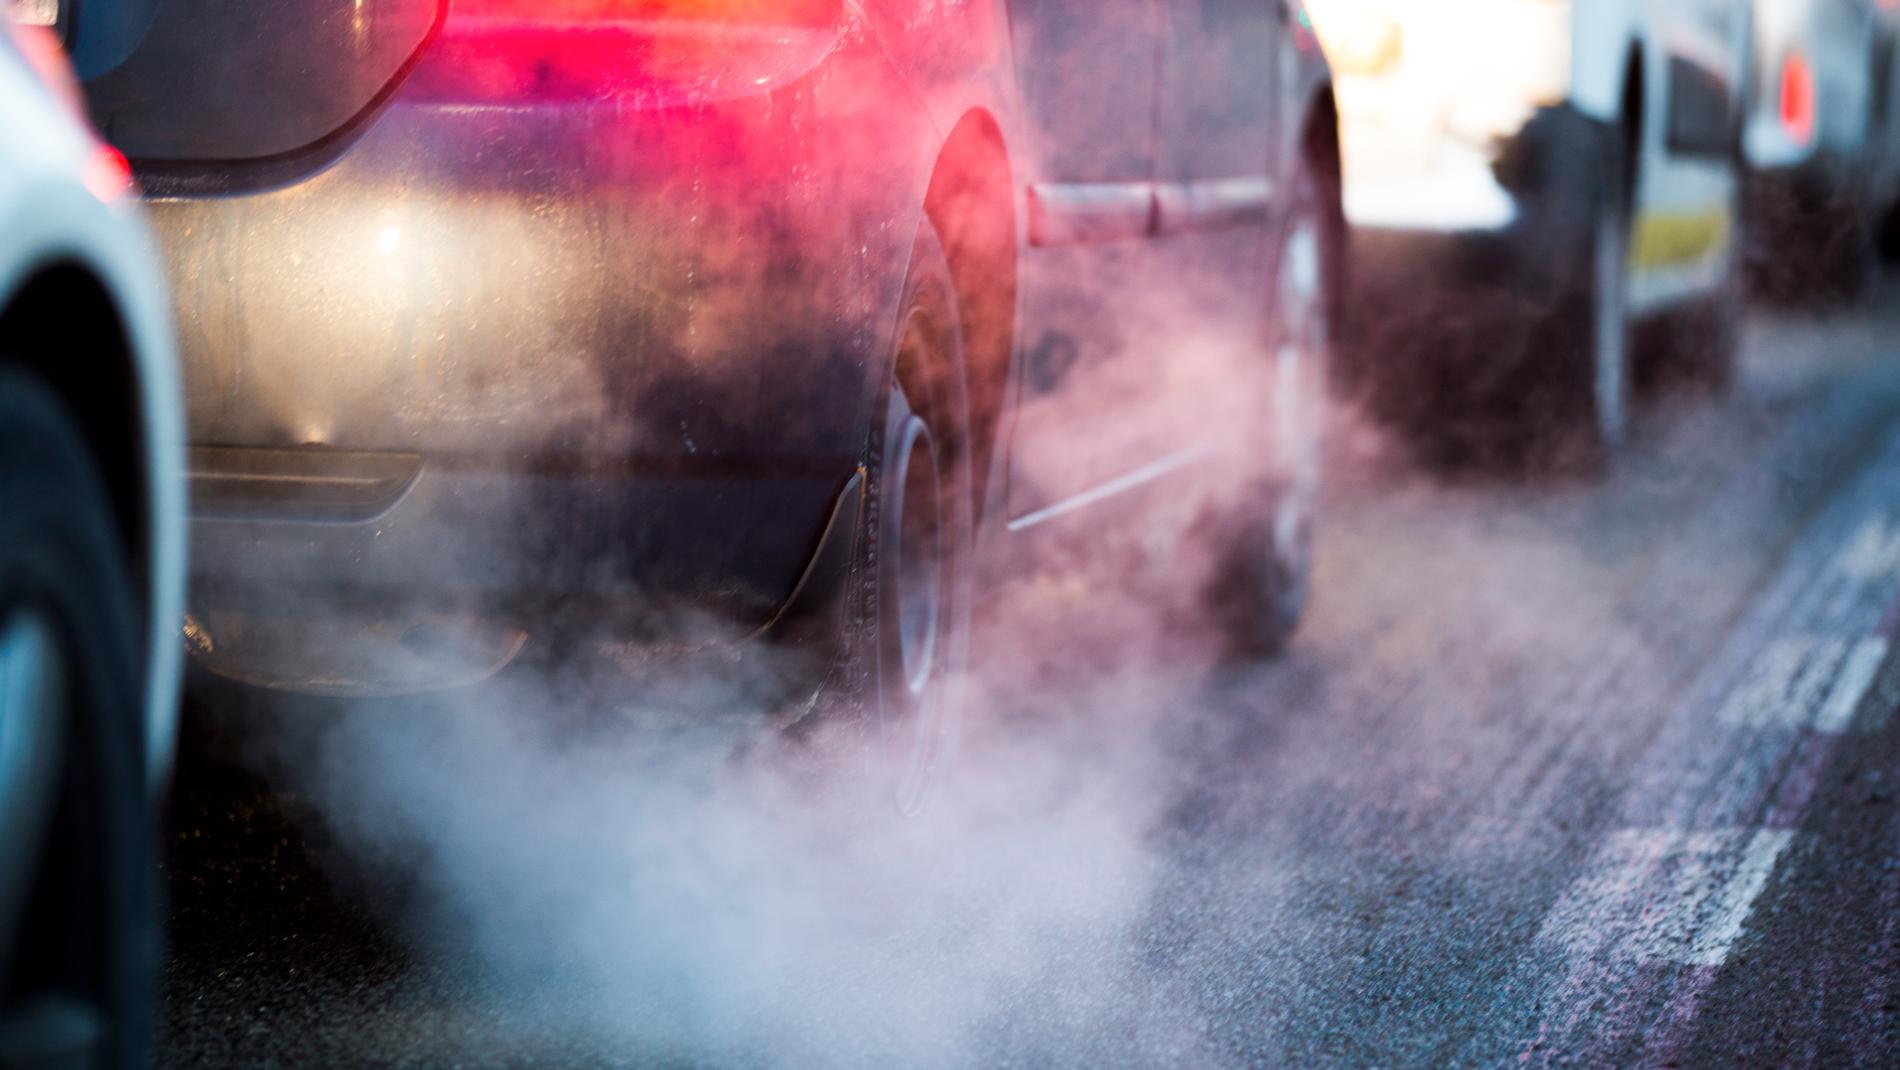 3,4 miljoner människor dör, enligt studien, av luftföroreningar varje år. Arkivbild.